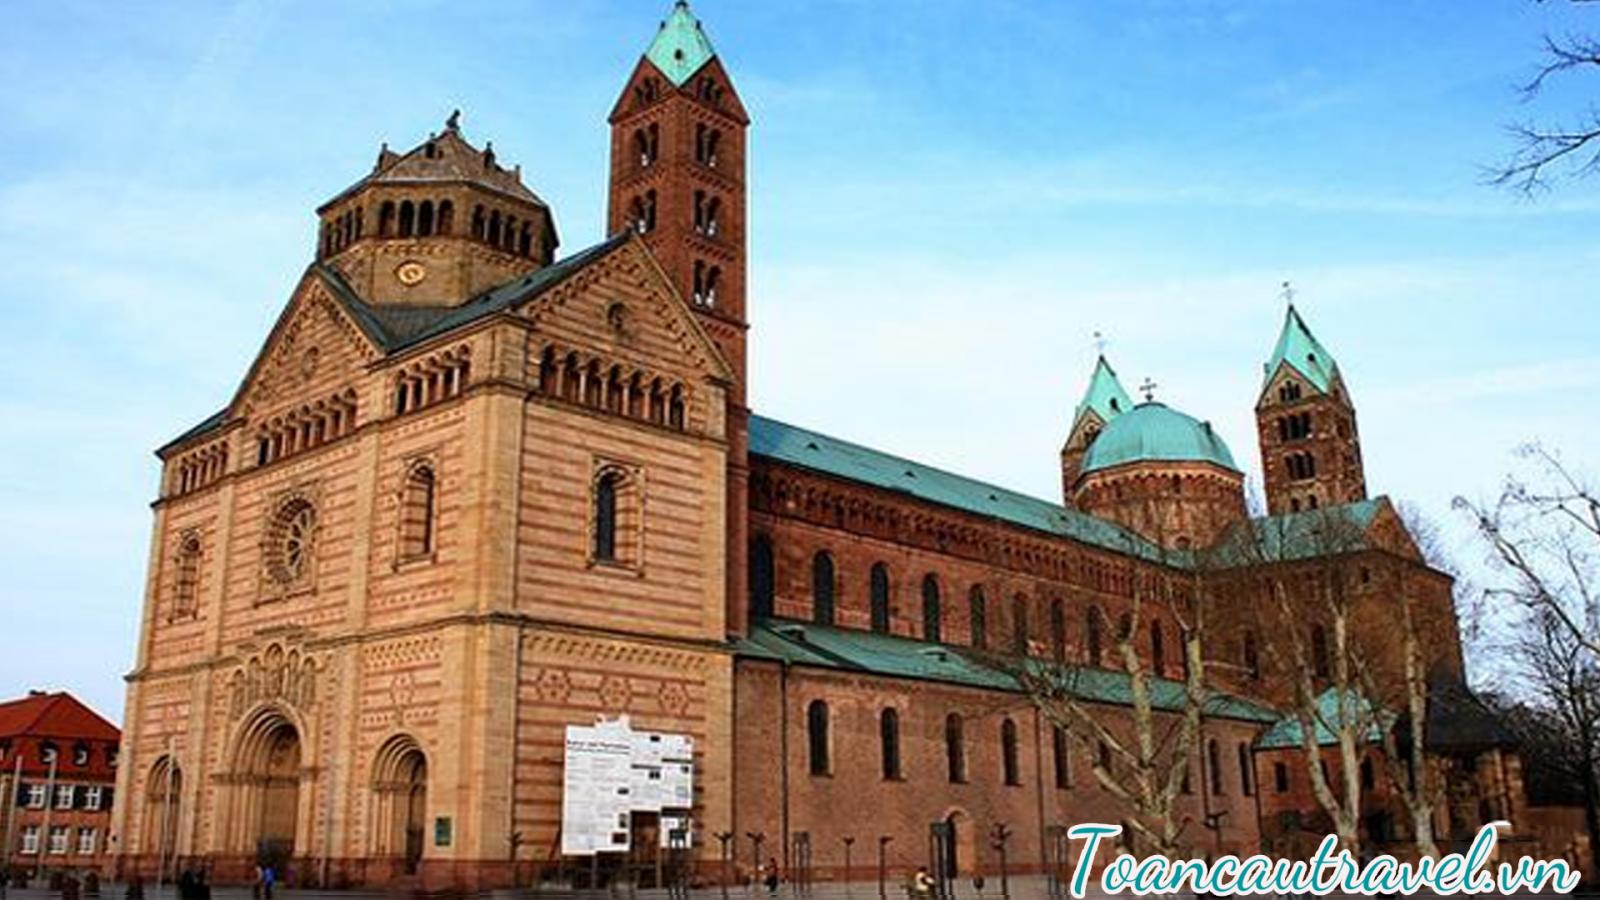 Nhà thờ lớn Dom (Cathedral of Saint Bartholomew) – Nhà thờ chính của Frankfurt, được xây dựng vào giữa thế kỷ 14- 15 mang dáng dấp kiến trúc Baroque